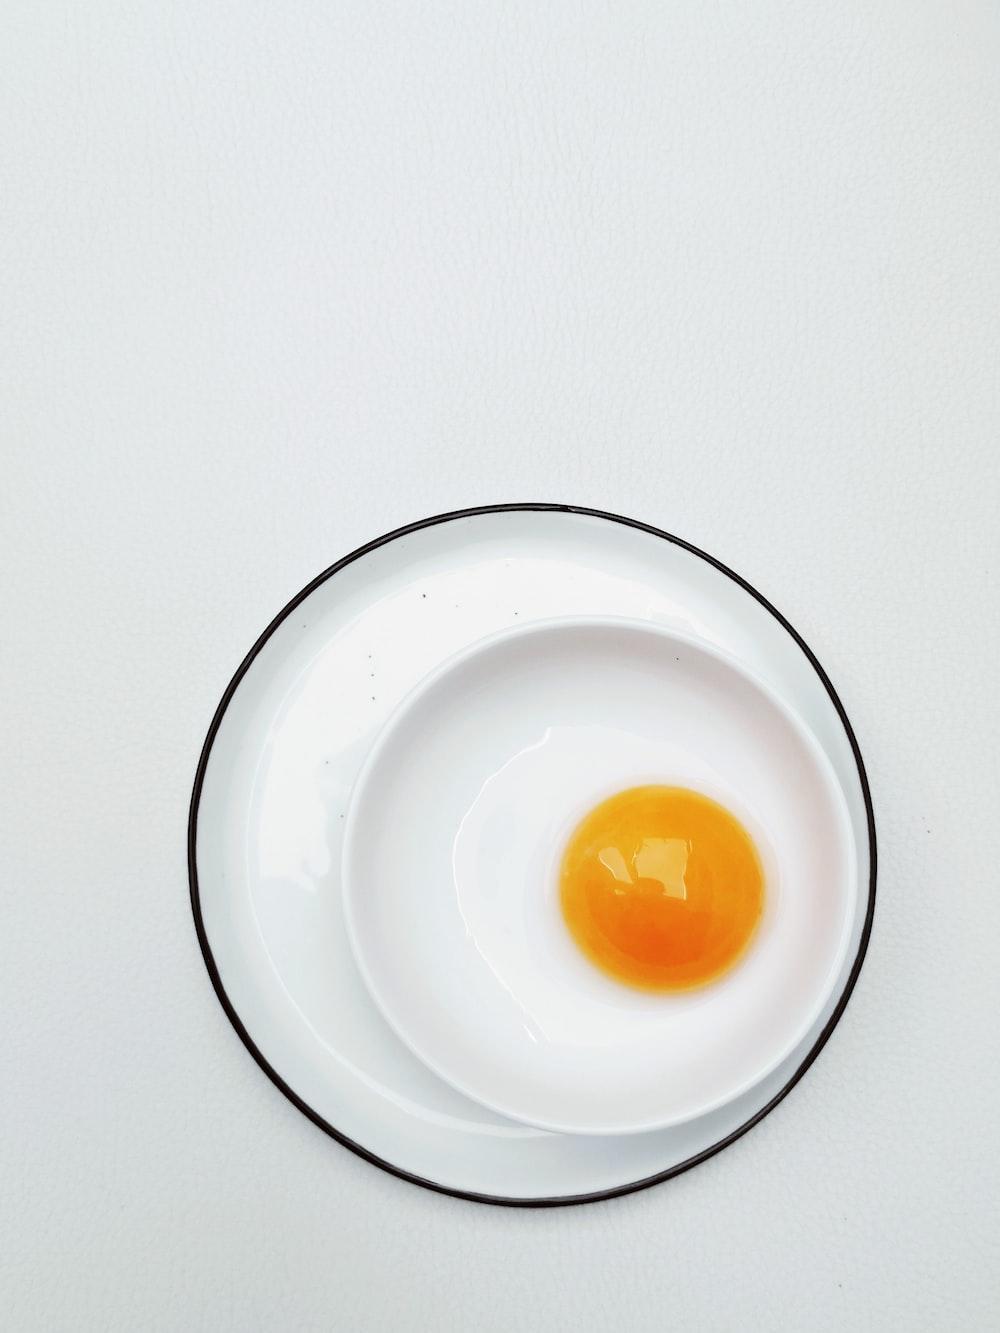 egg in white ceramic bowl